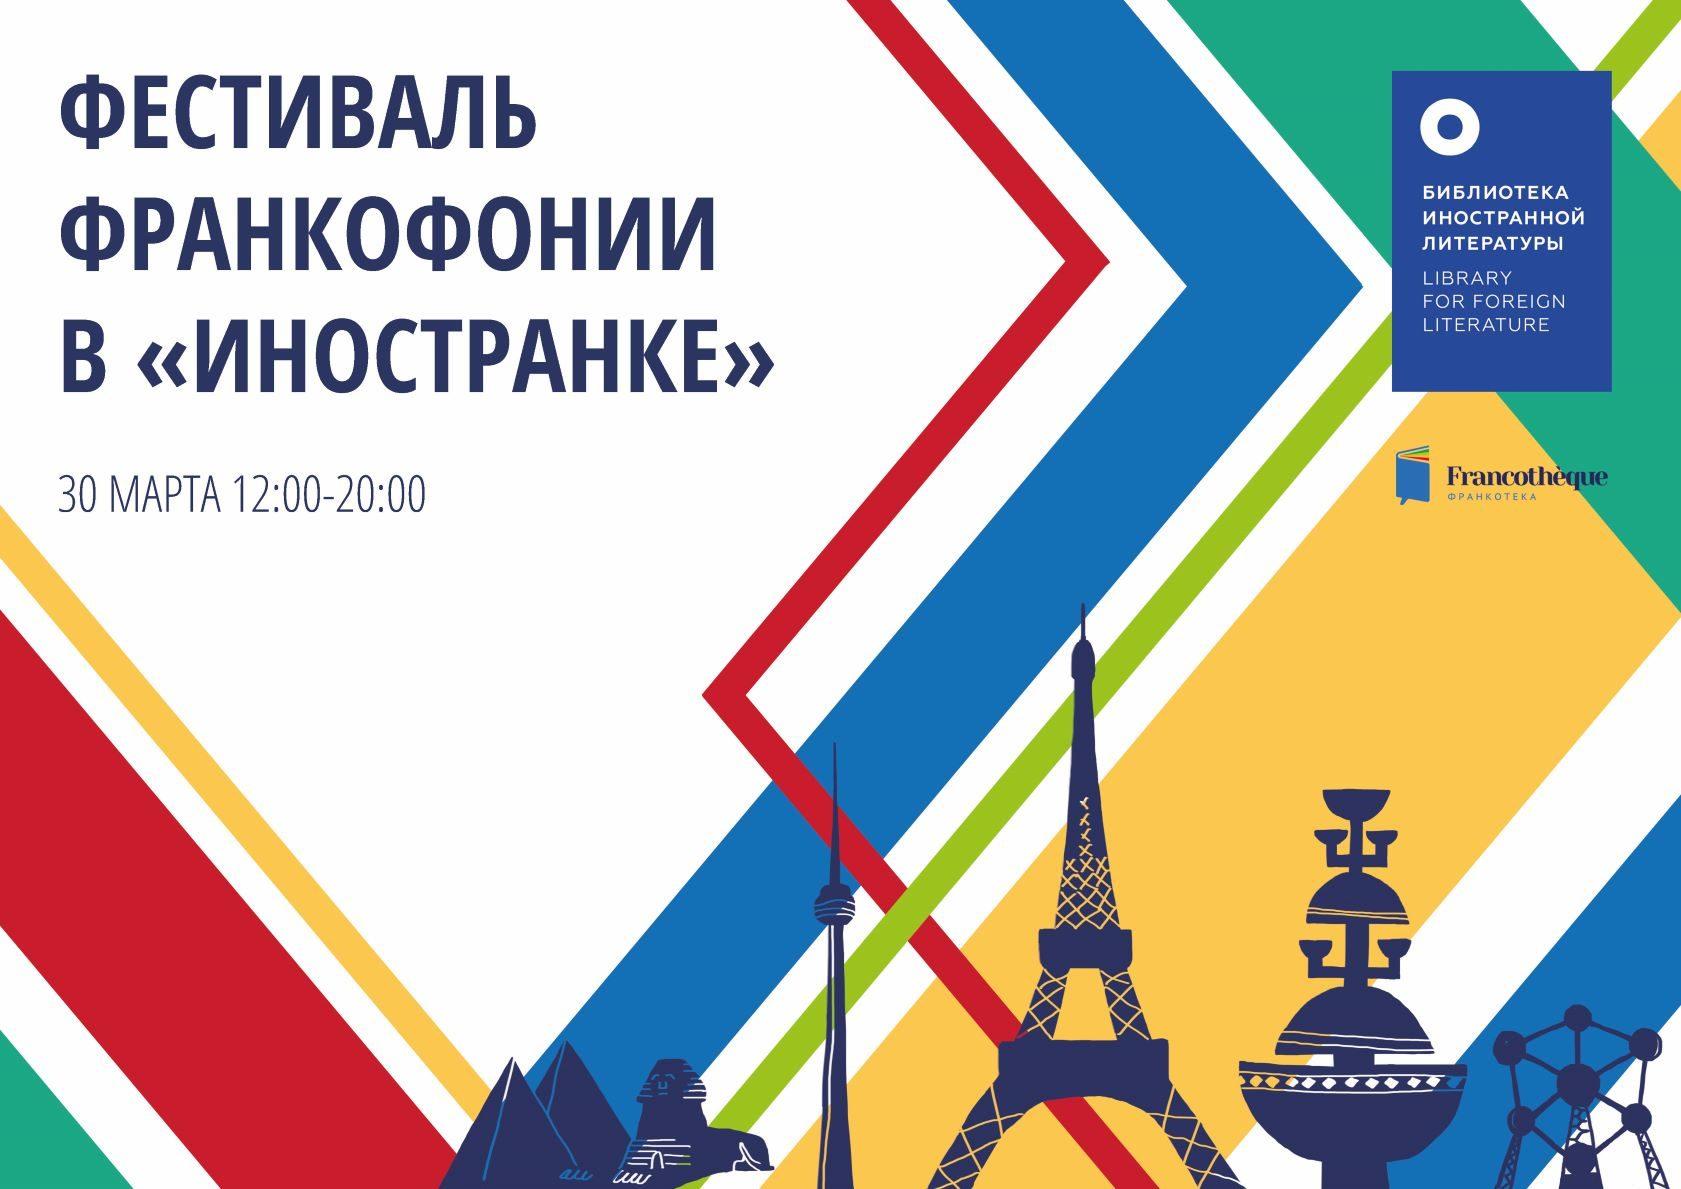 Фестиваль франкофонии – события на сайте «Московские Сезоны»